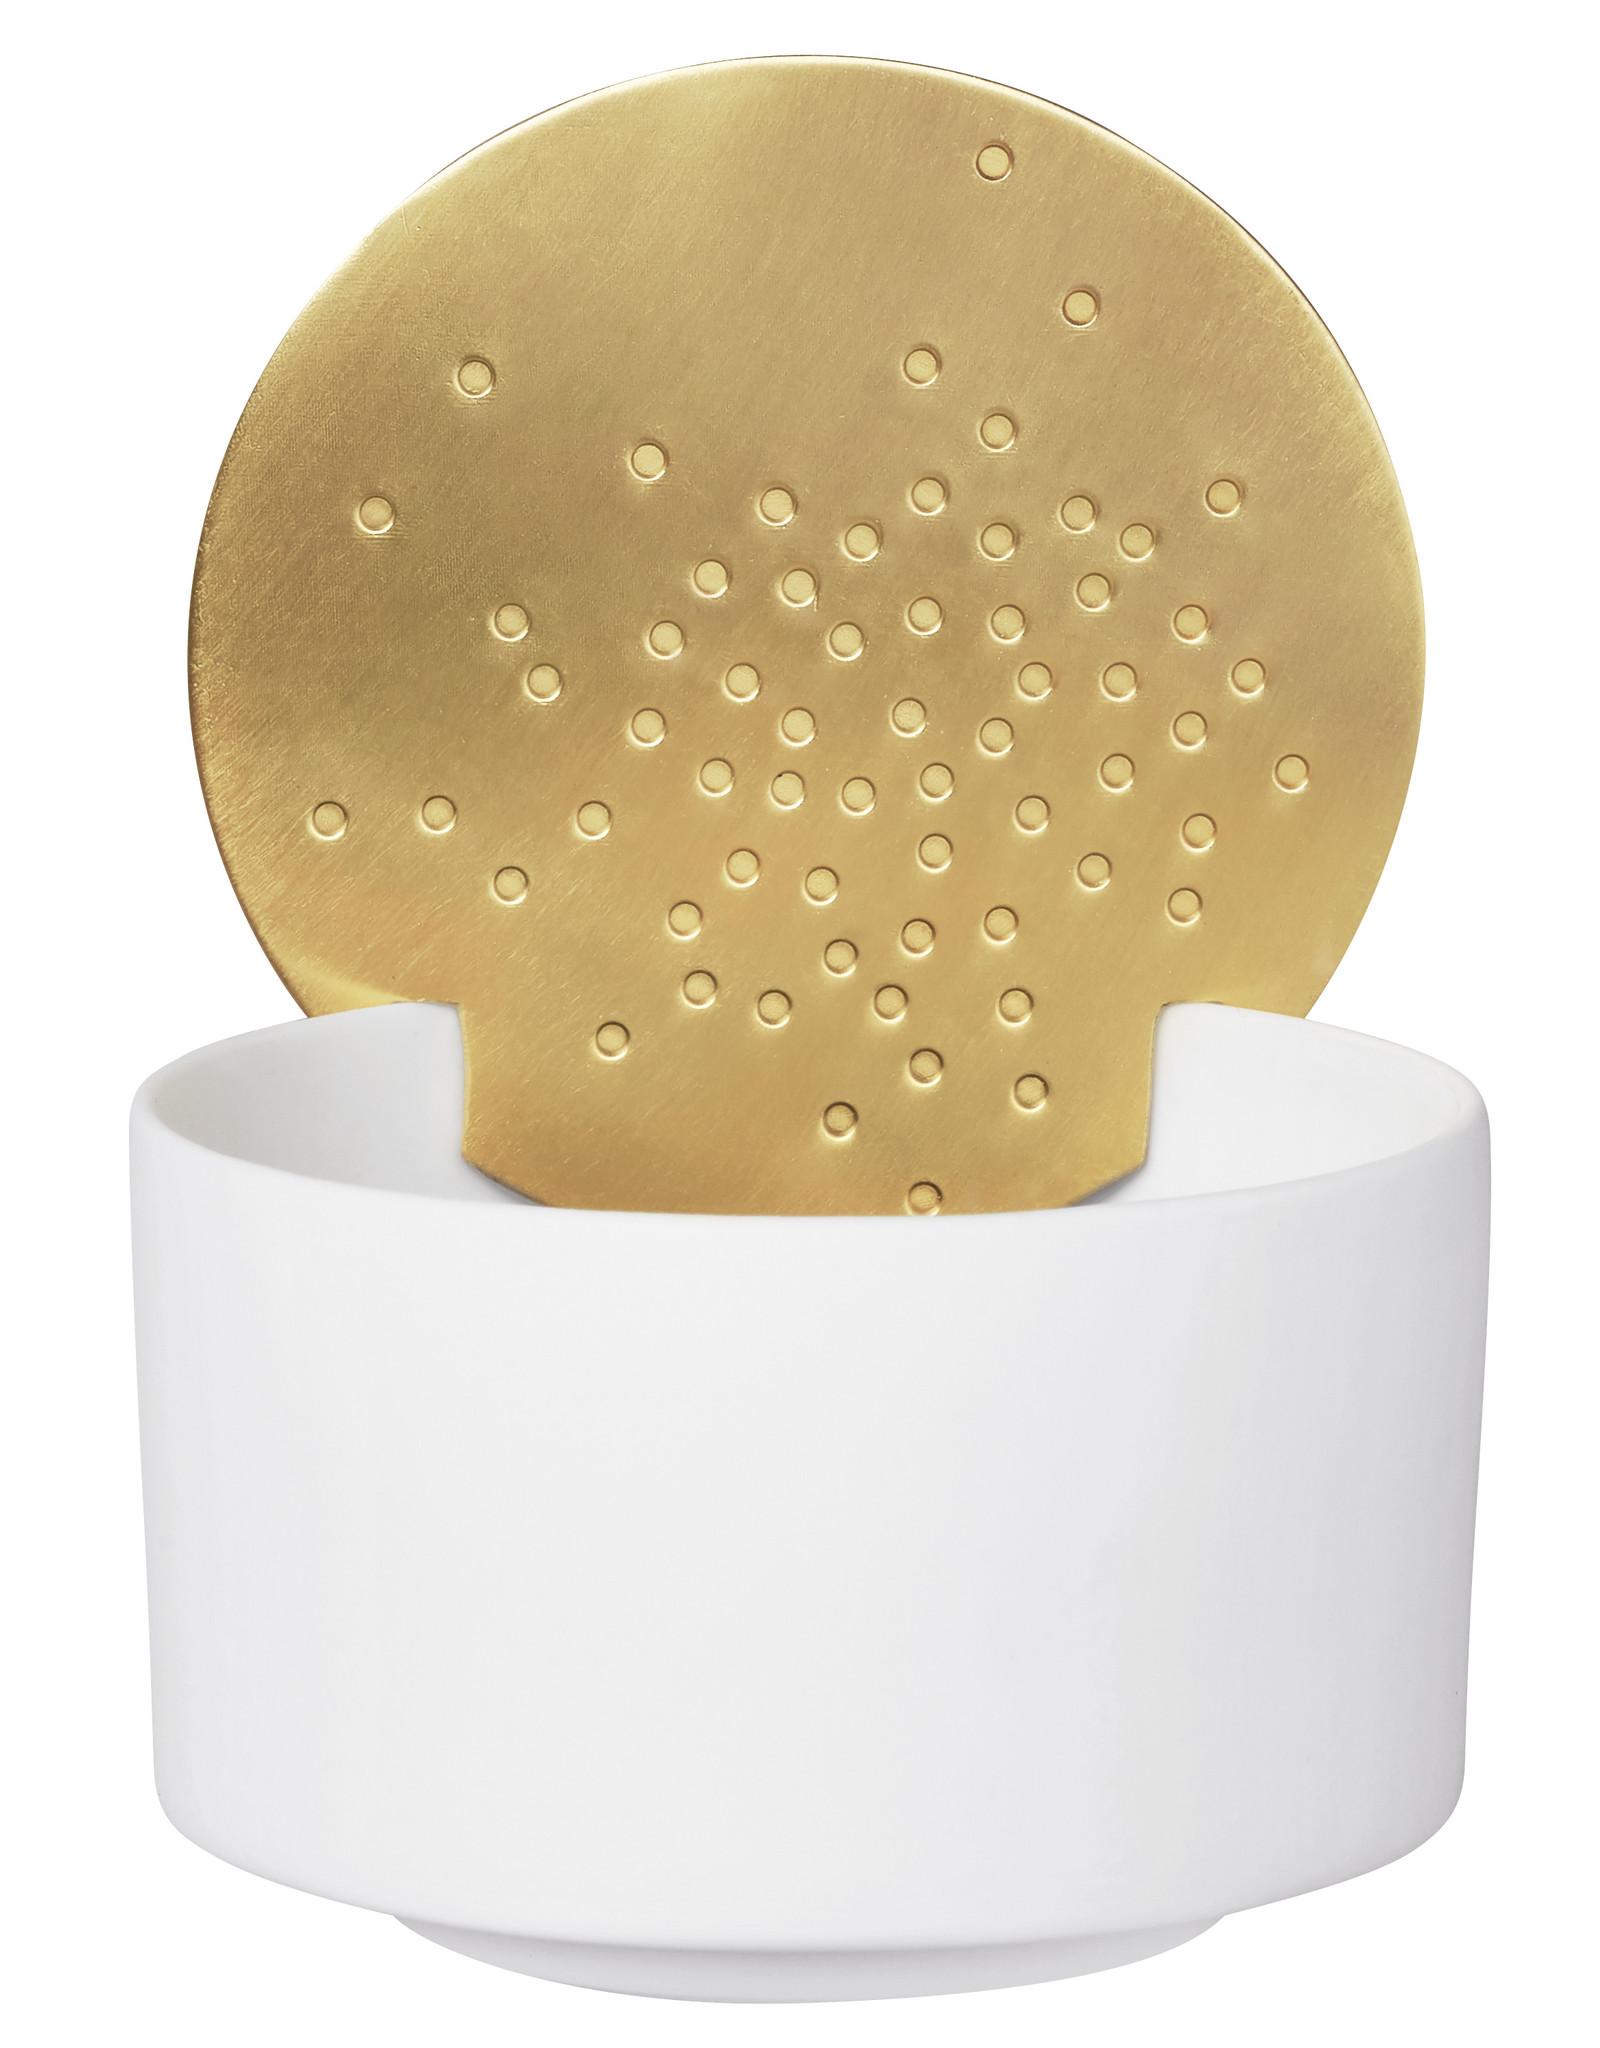 Raeder Theelicht met gouden zon d op de rand small dia:7cm Height:4,5cm